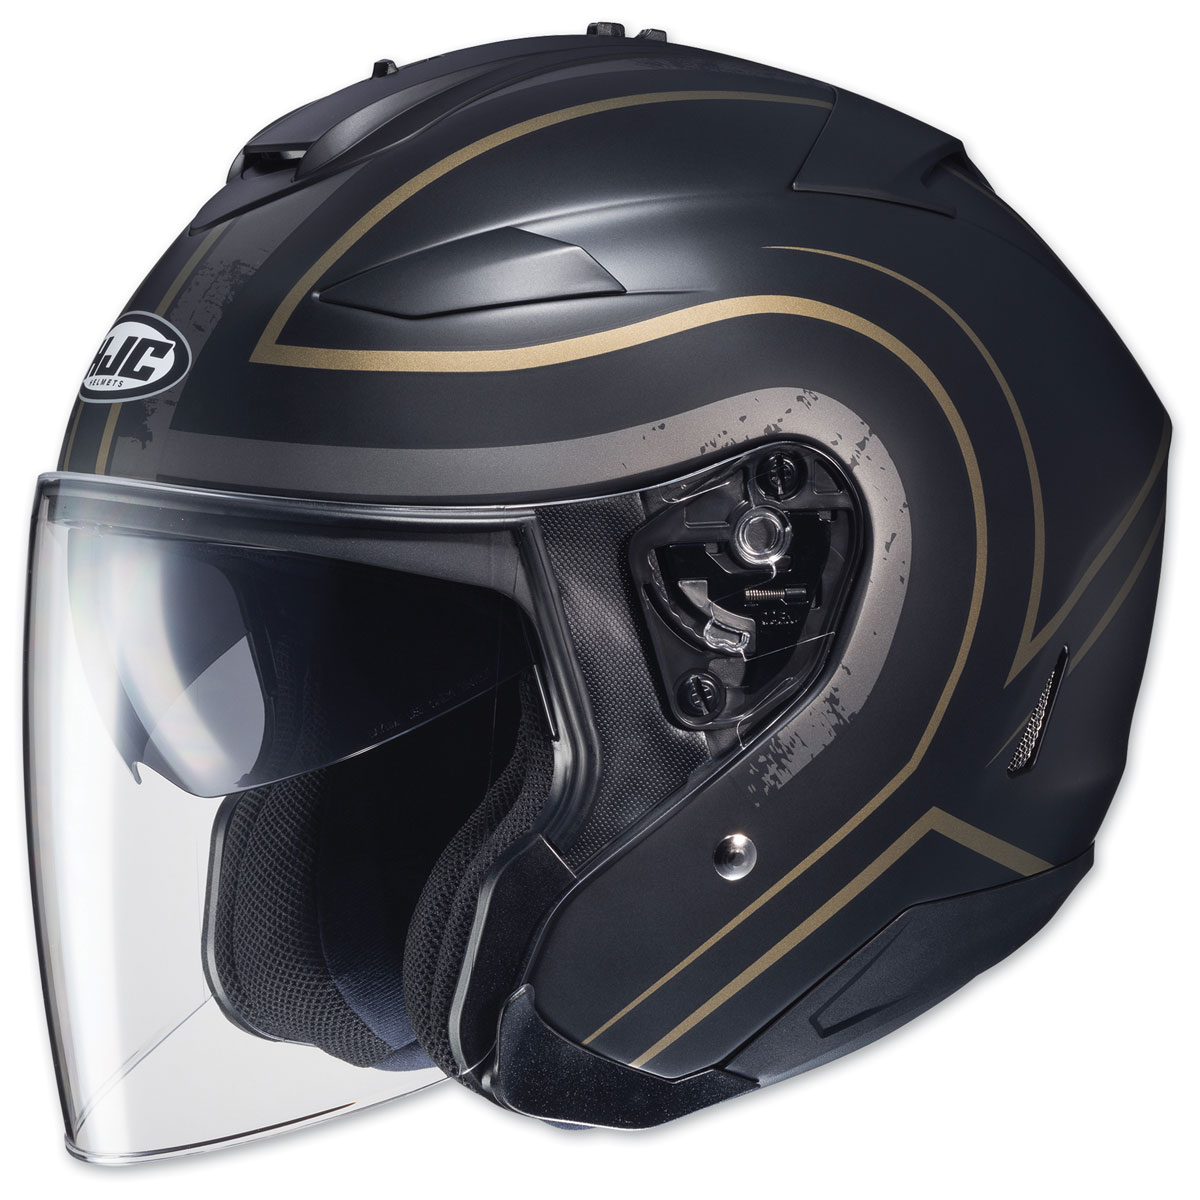 HJC IS-33 II Apus Black/Gold Open Face Helmet